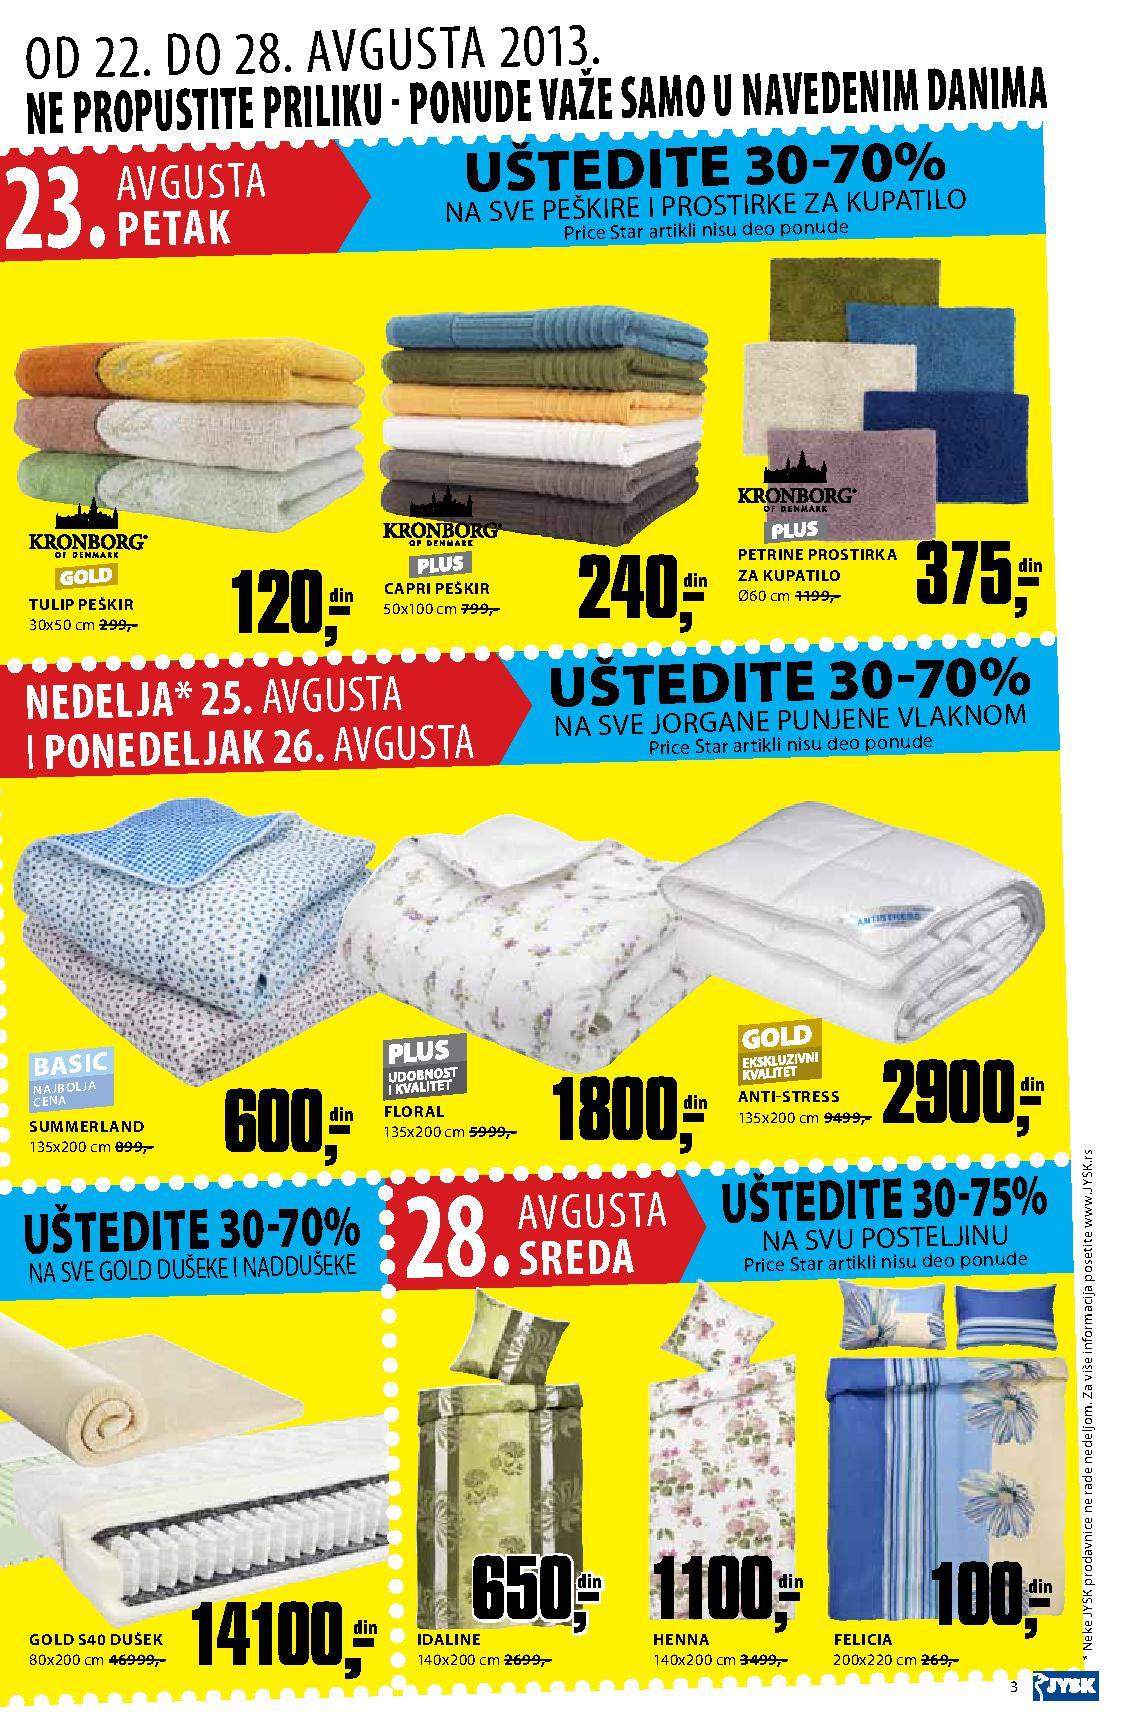 JYSK katalog najpovoljnije kupovine